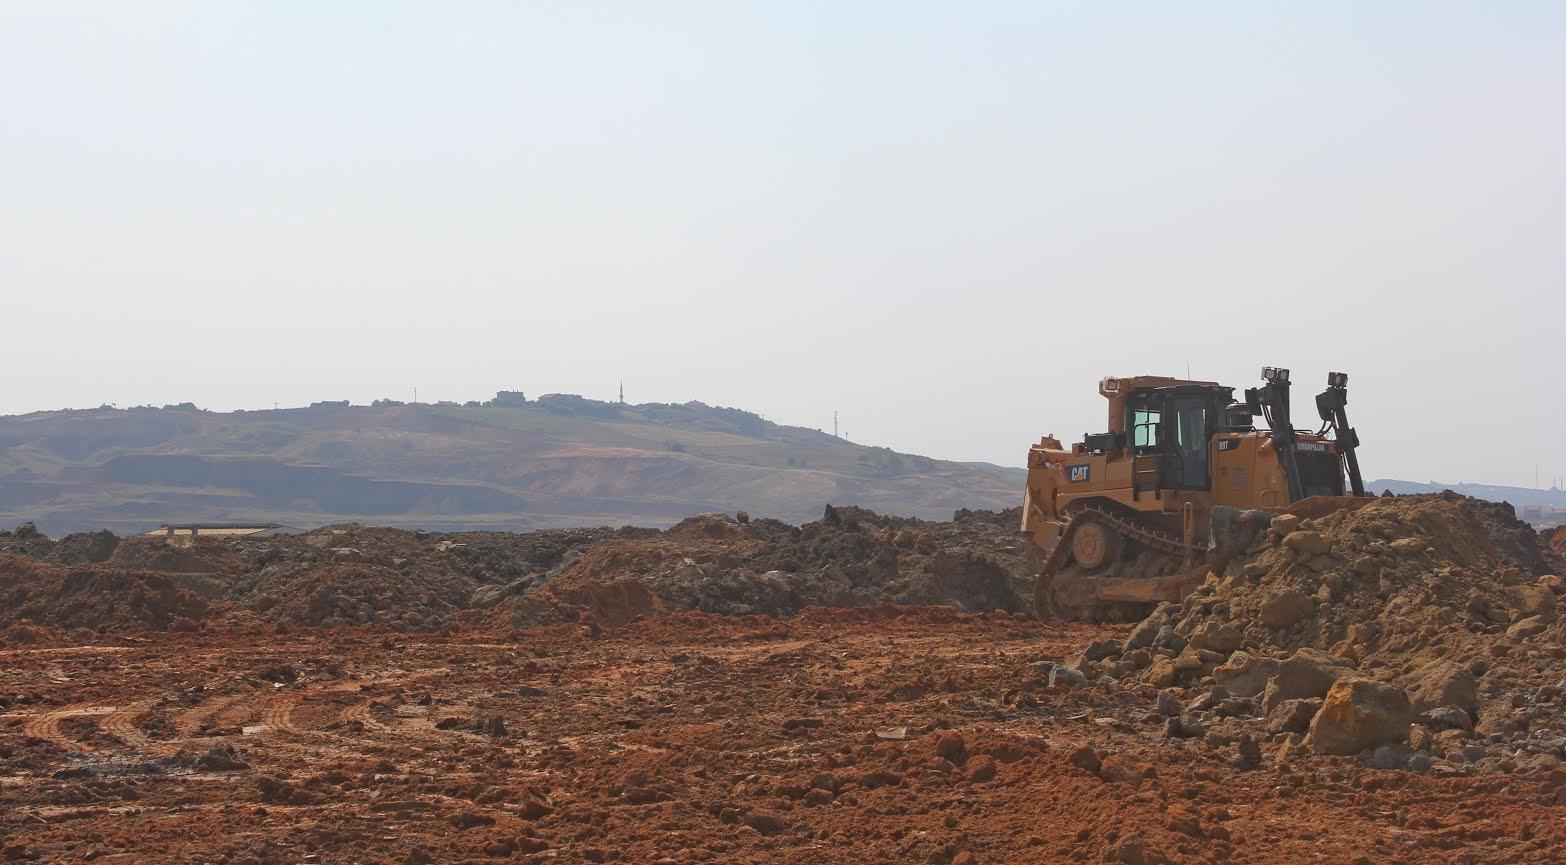 3. havalimanı projesinin gülmeyen cebi: Görkemli yıkım Ekvator Prensipleri'ne mi takılıyor?